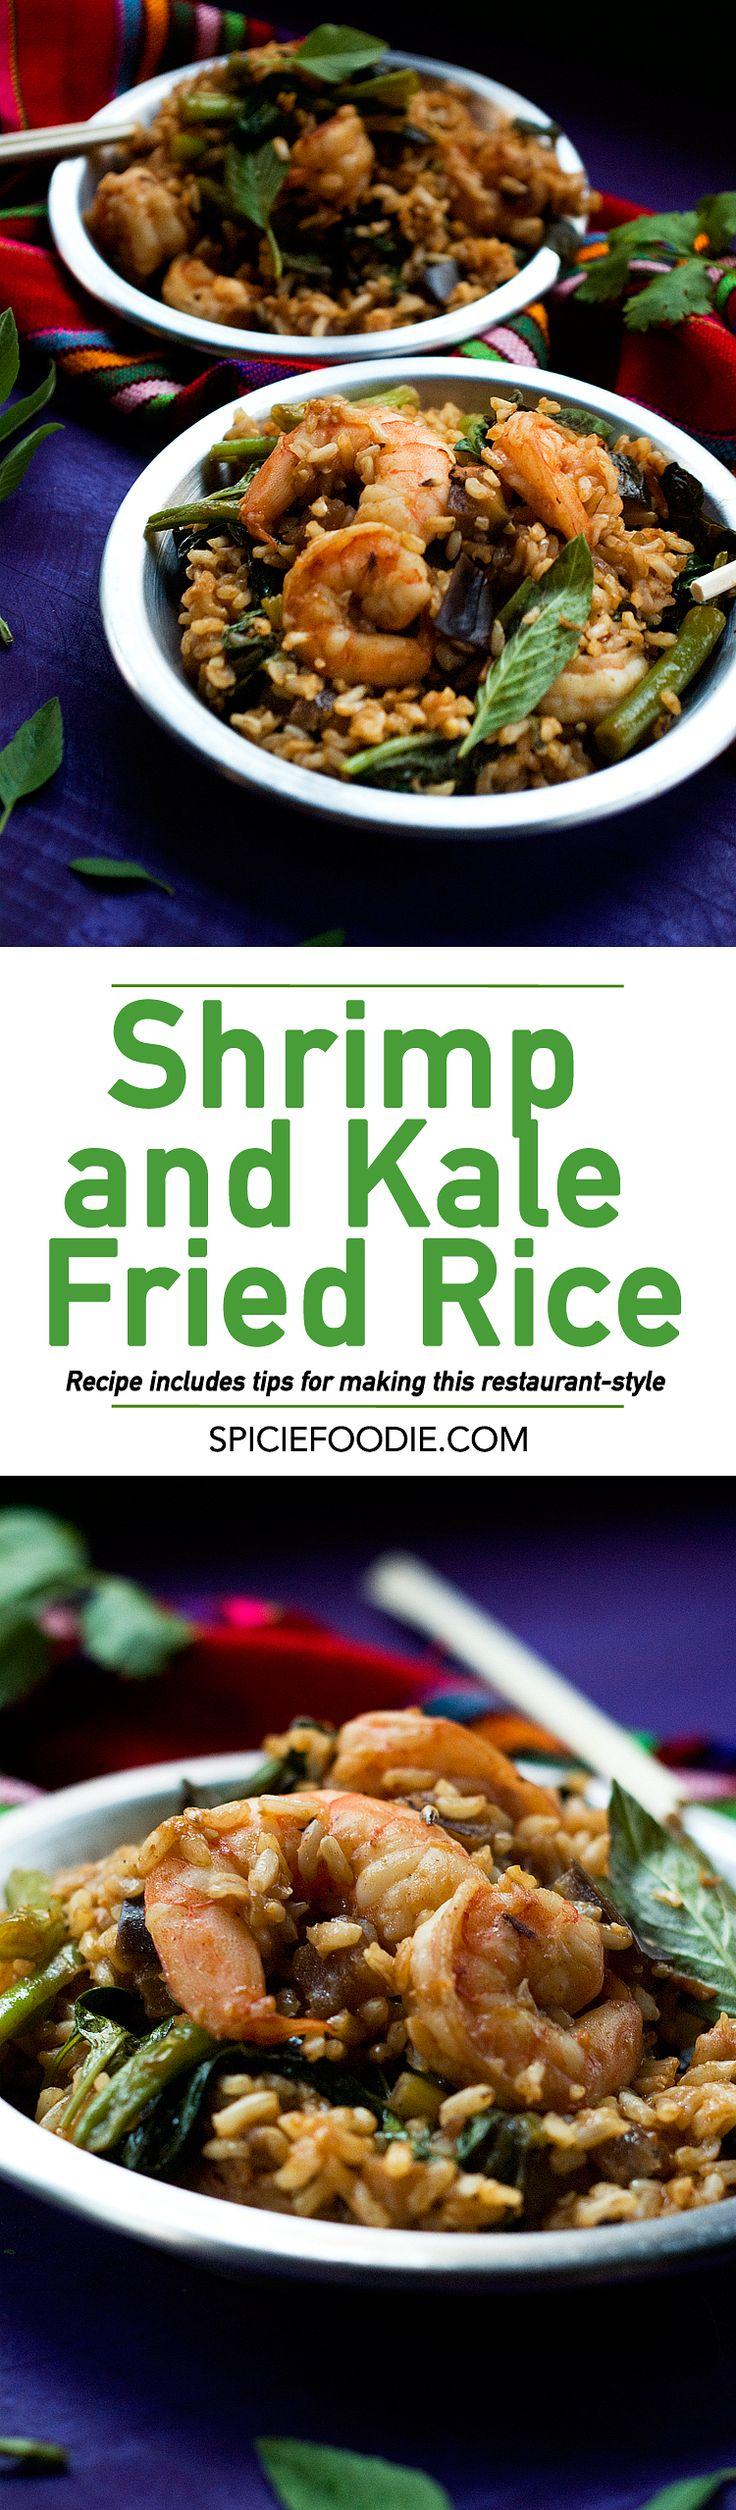 Restaurant Style #Sriracha Spiced #Shrimp and #Kale Fried Rice